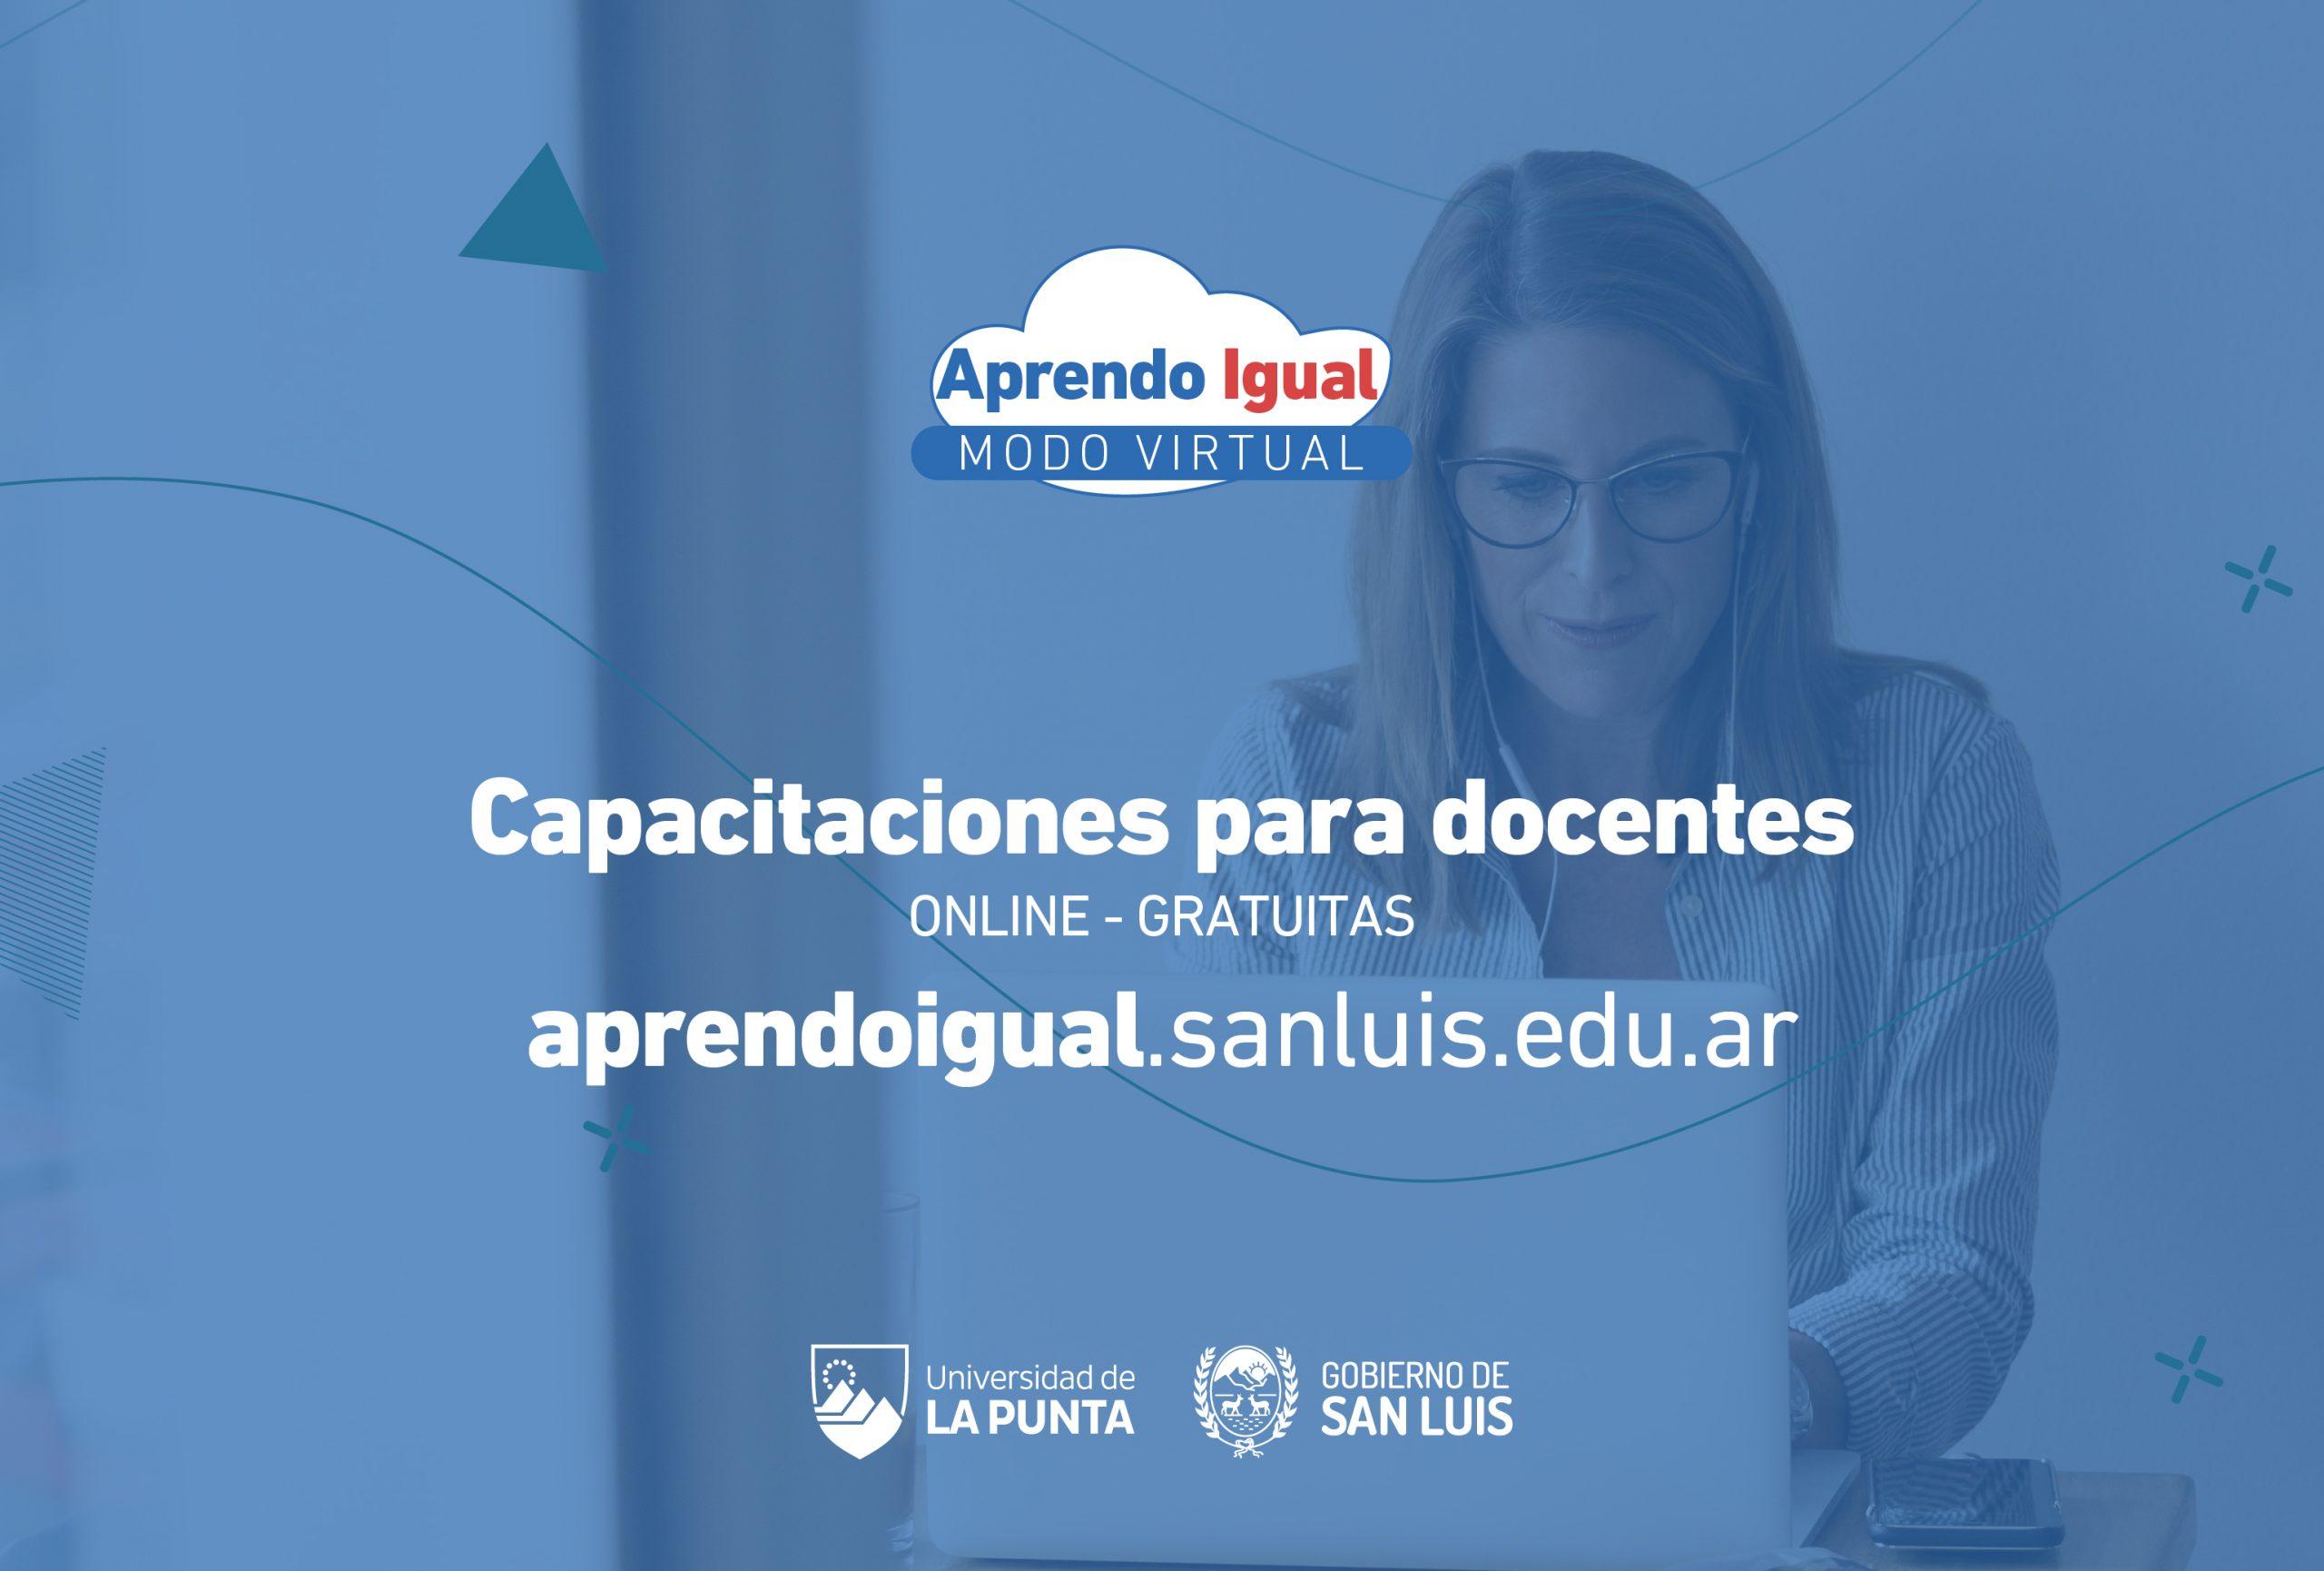 ULP: continúan las capacitaciones online sobre herramientas pedagógicas digitales